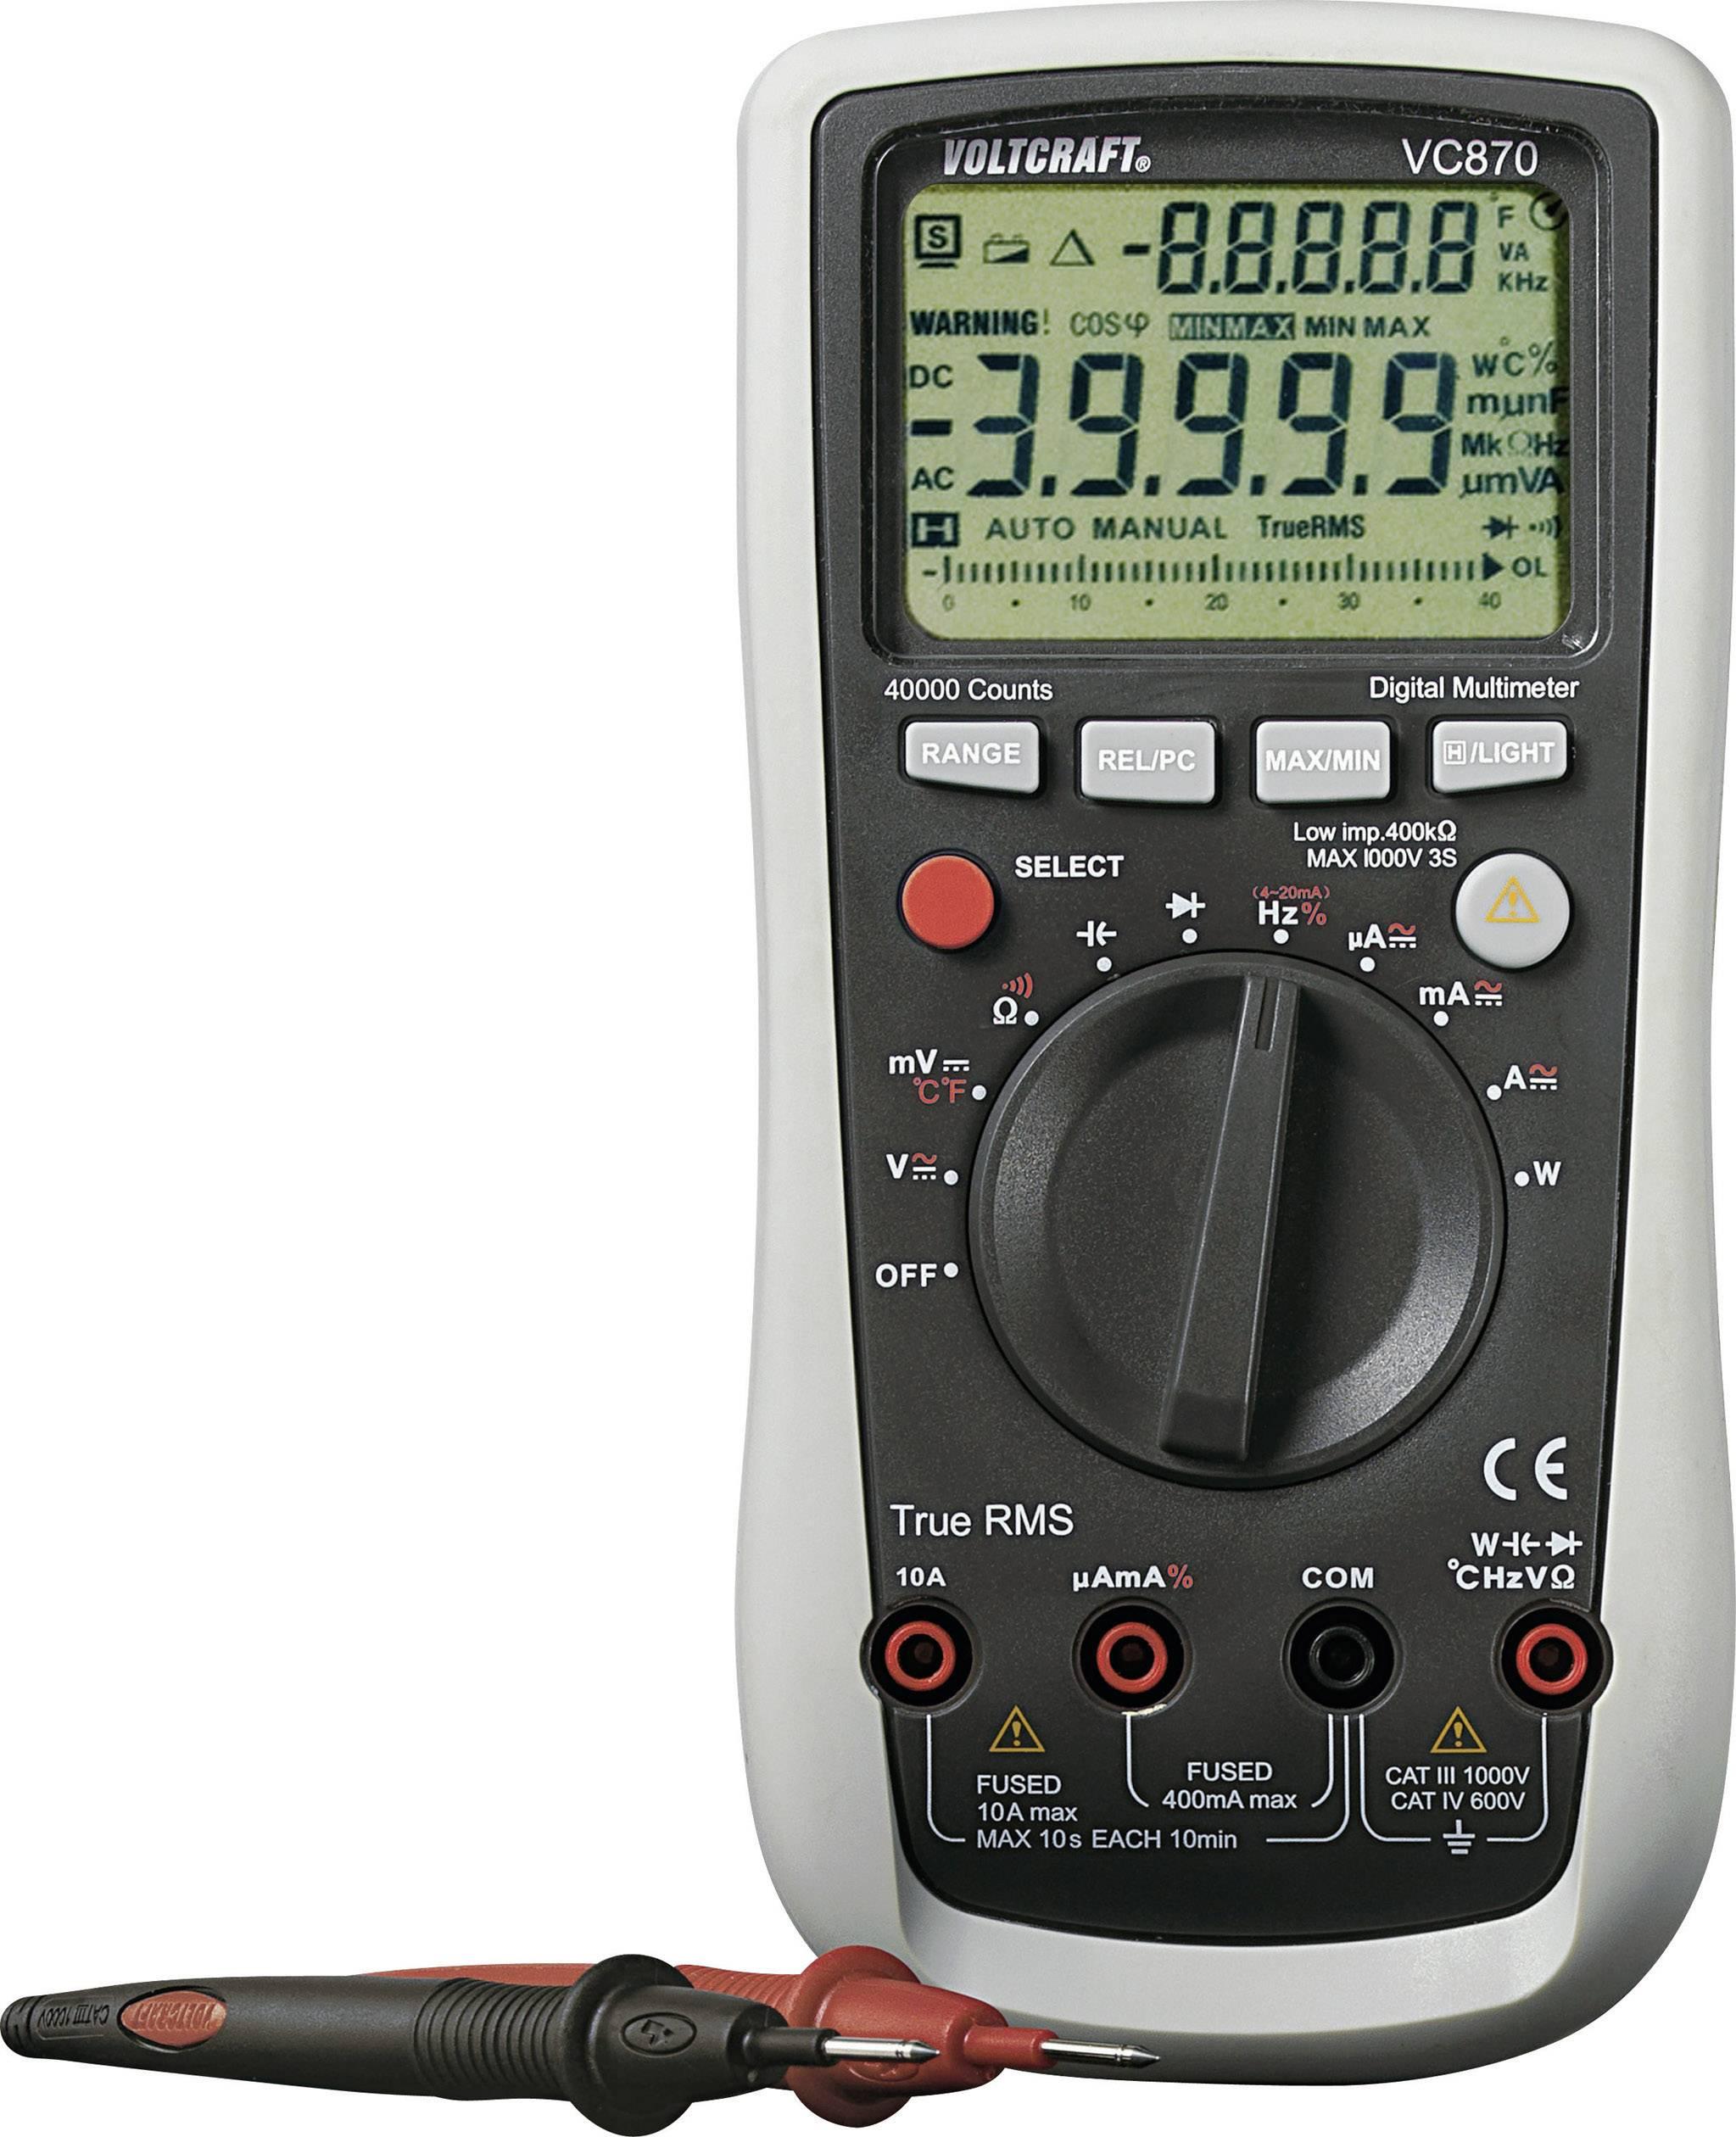 Digitálne/y ručný multimeter VOLTCRAFT VC870, kalibrácia podľa ISO